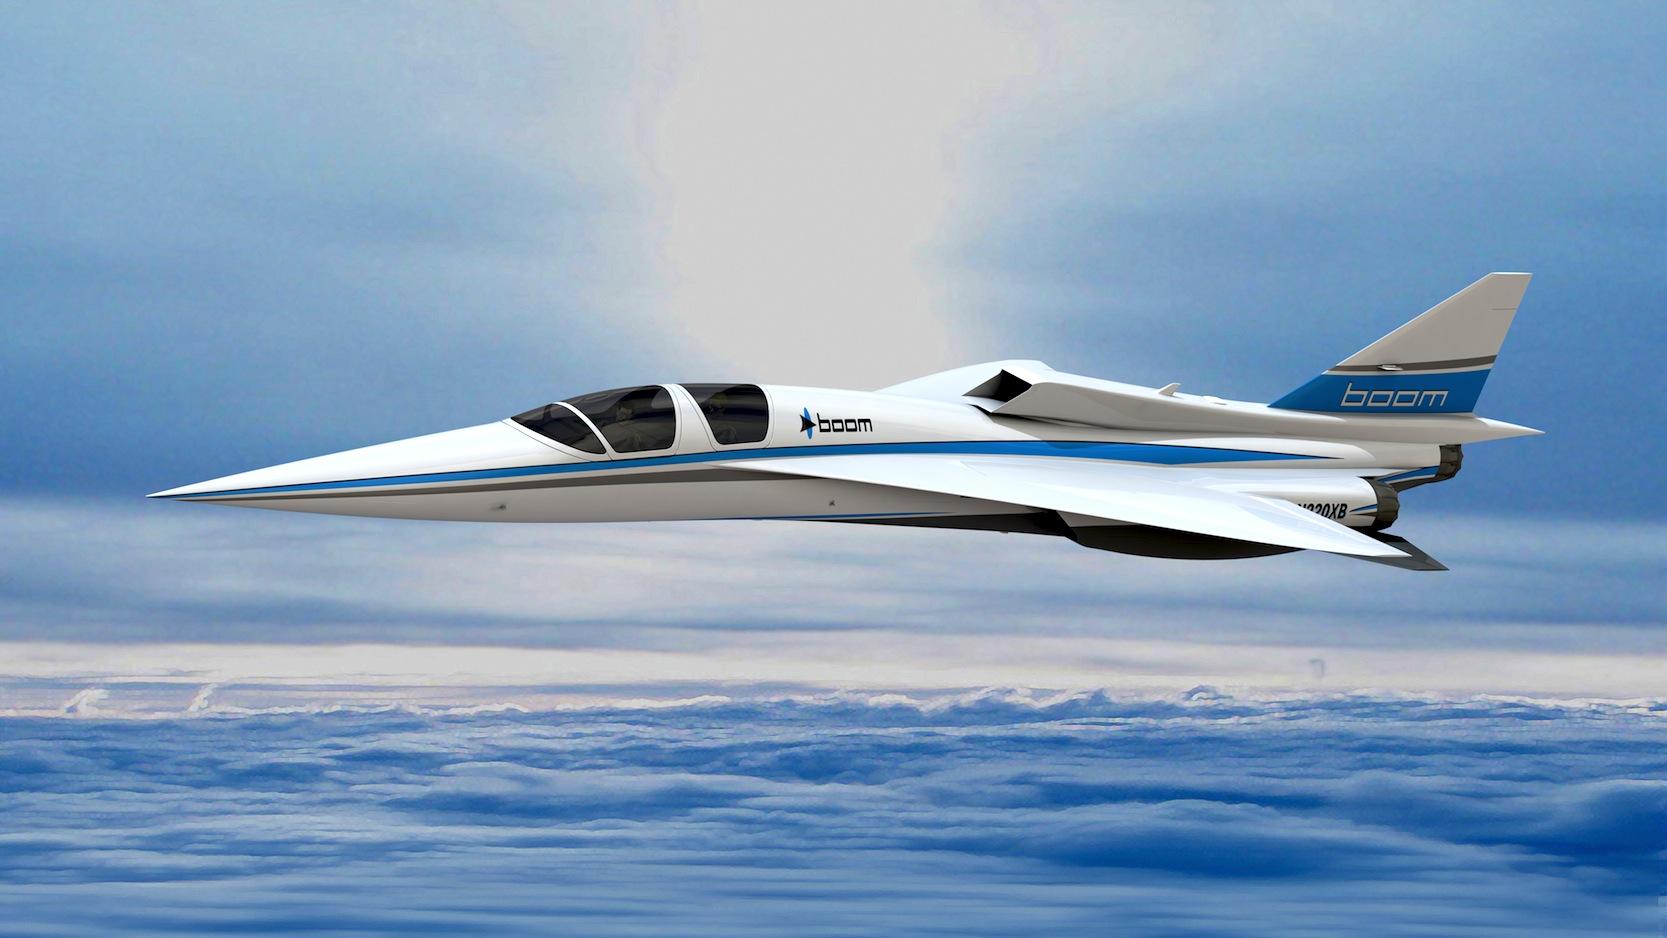 Als Zweisitzer ist der Baby-Boom konzipiert, der im nächsten Jahr gebaut werden und erste Testflüge absolvieren soll. Er nutzt die Form des späteren Passagier-Flugzeuges.